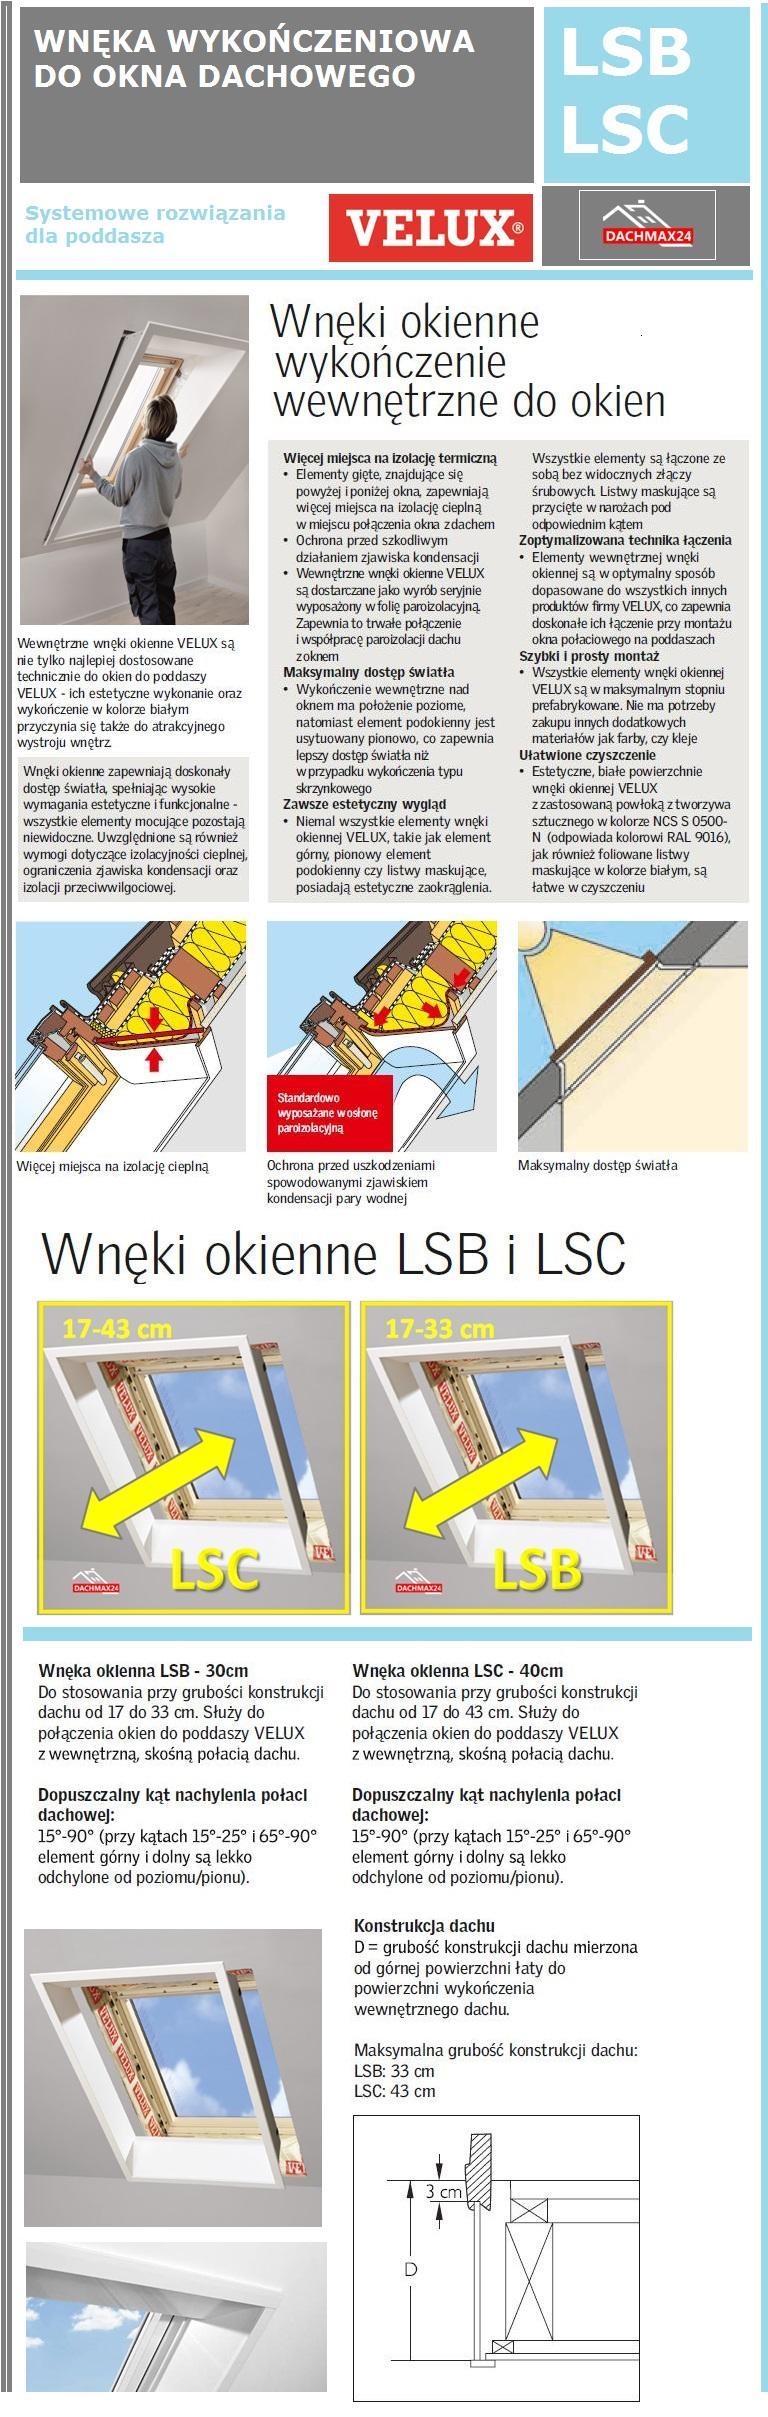 Wnęka wykończeniowa do okna dachowego Velux LSC LSB